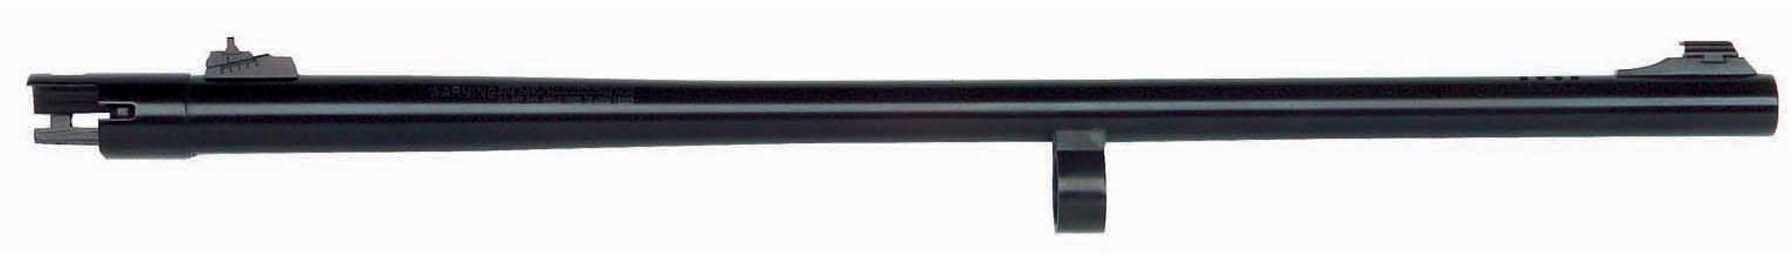 """Mossberg 835 Barrel Slug 12 Gauge, Rifle Sights, 24"""" Blue 92802"""